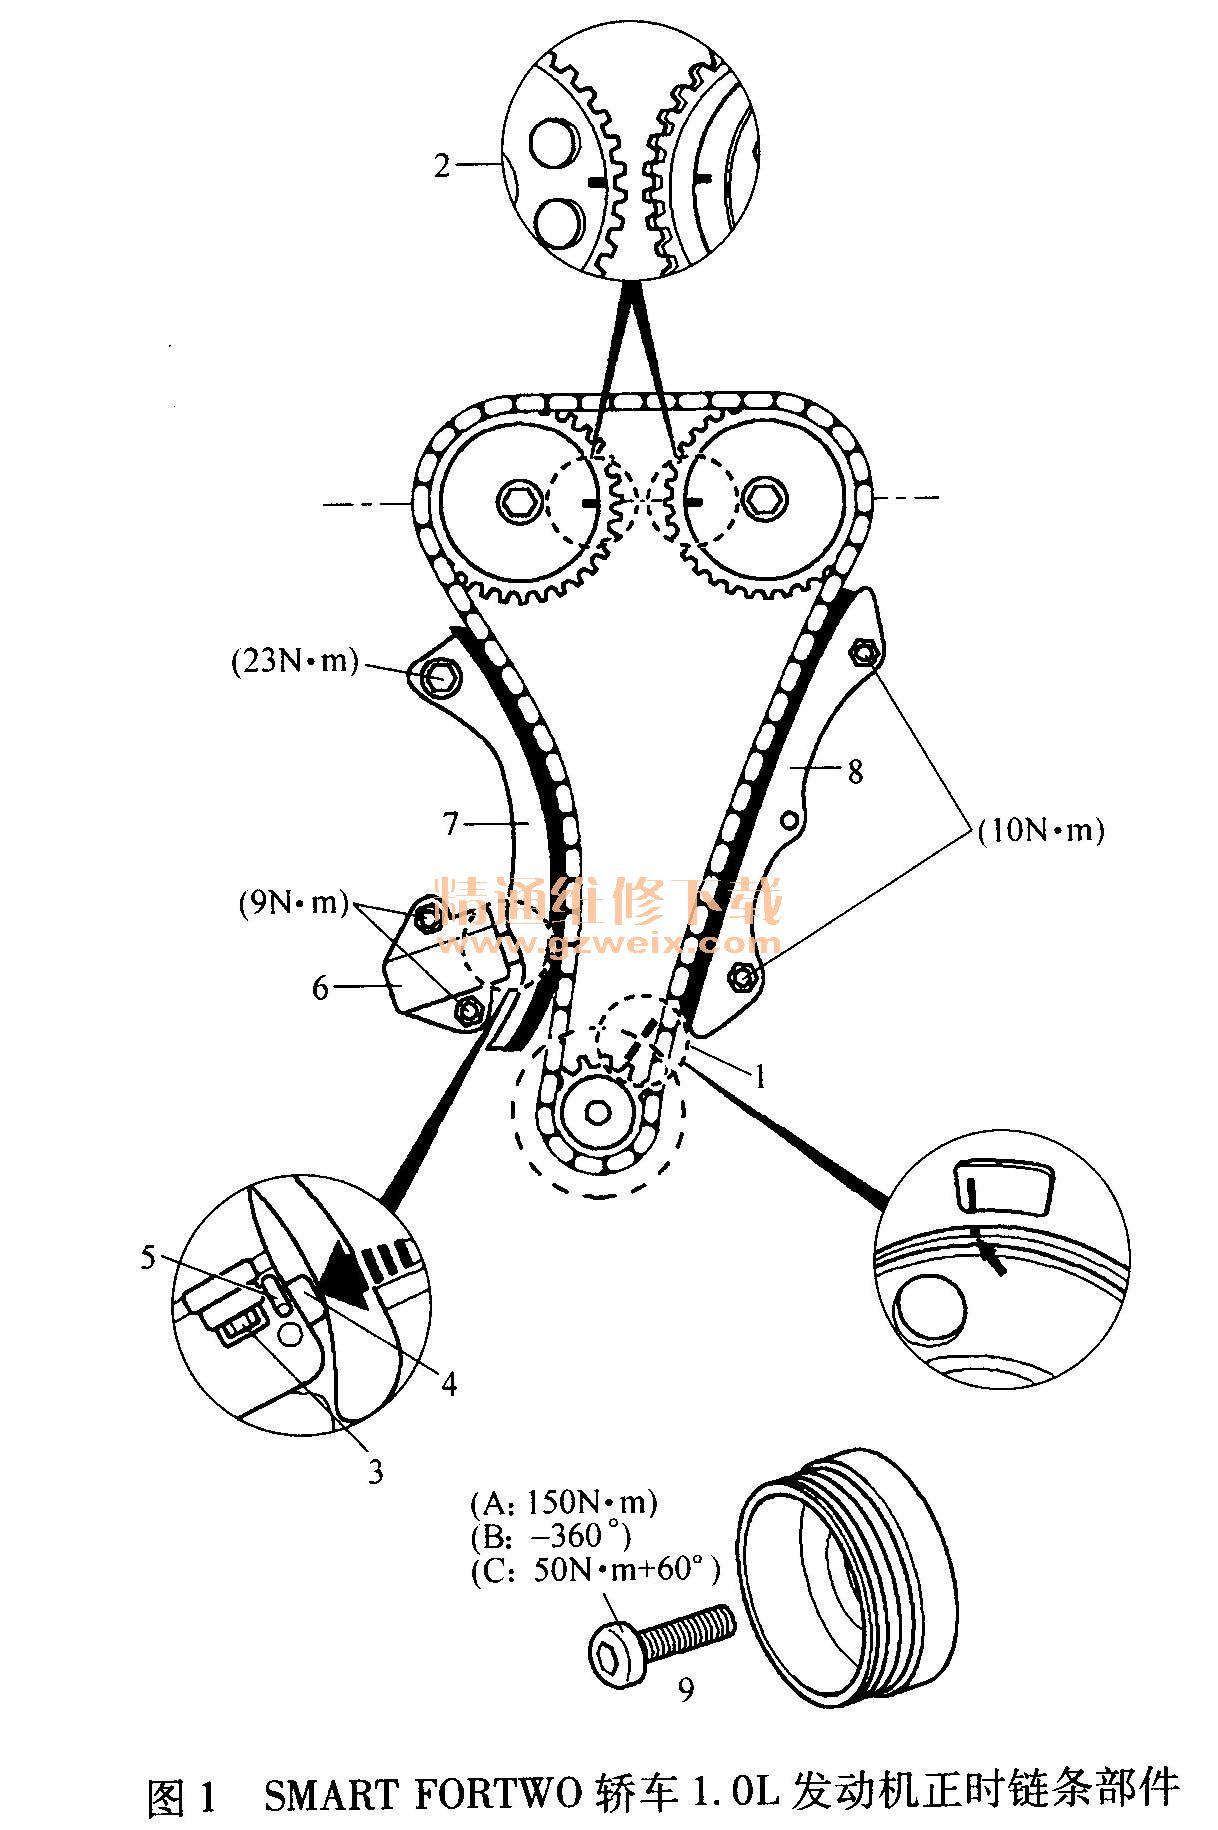 smart fortwo轿车1. 0l发动机正时校准操作步骤见表1.